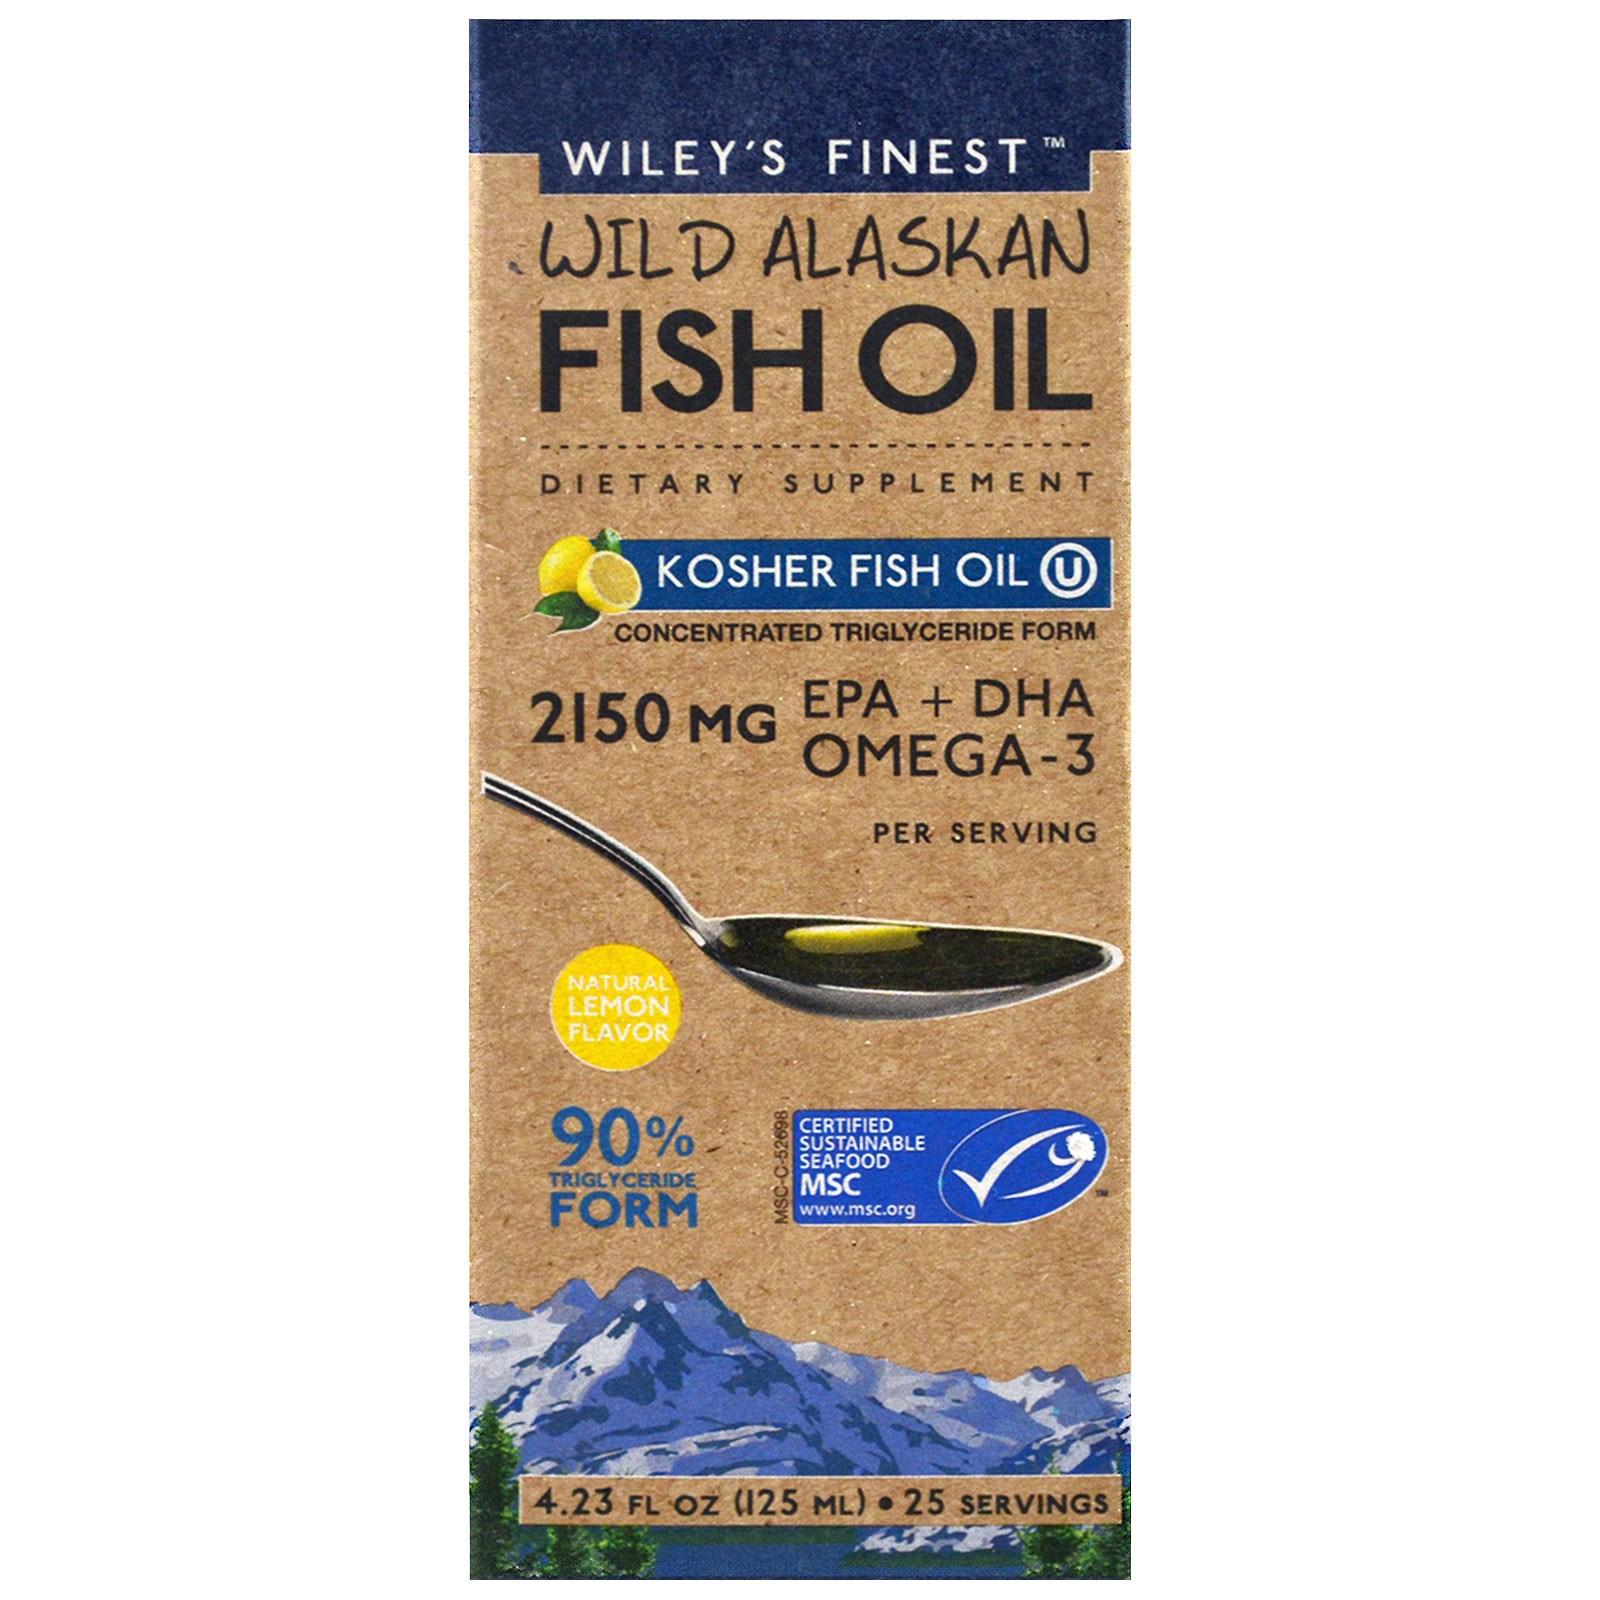 Wiley's Finest, Рыбий жир из морской аляскинской рыбы, кошерный рыбий жир, натуральный аромат лимона, 125 мл (4.23 fl oz)